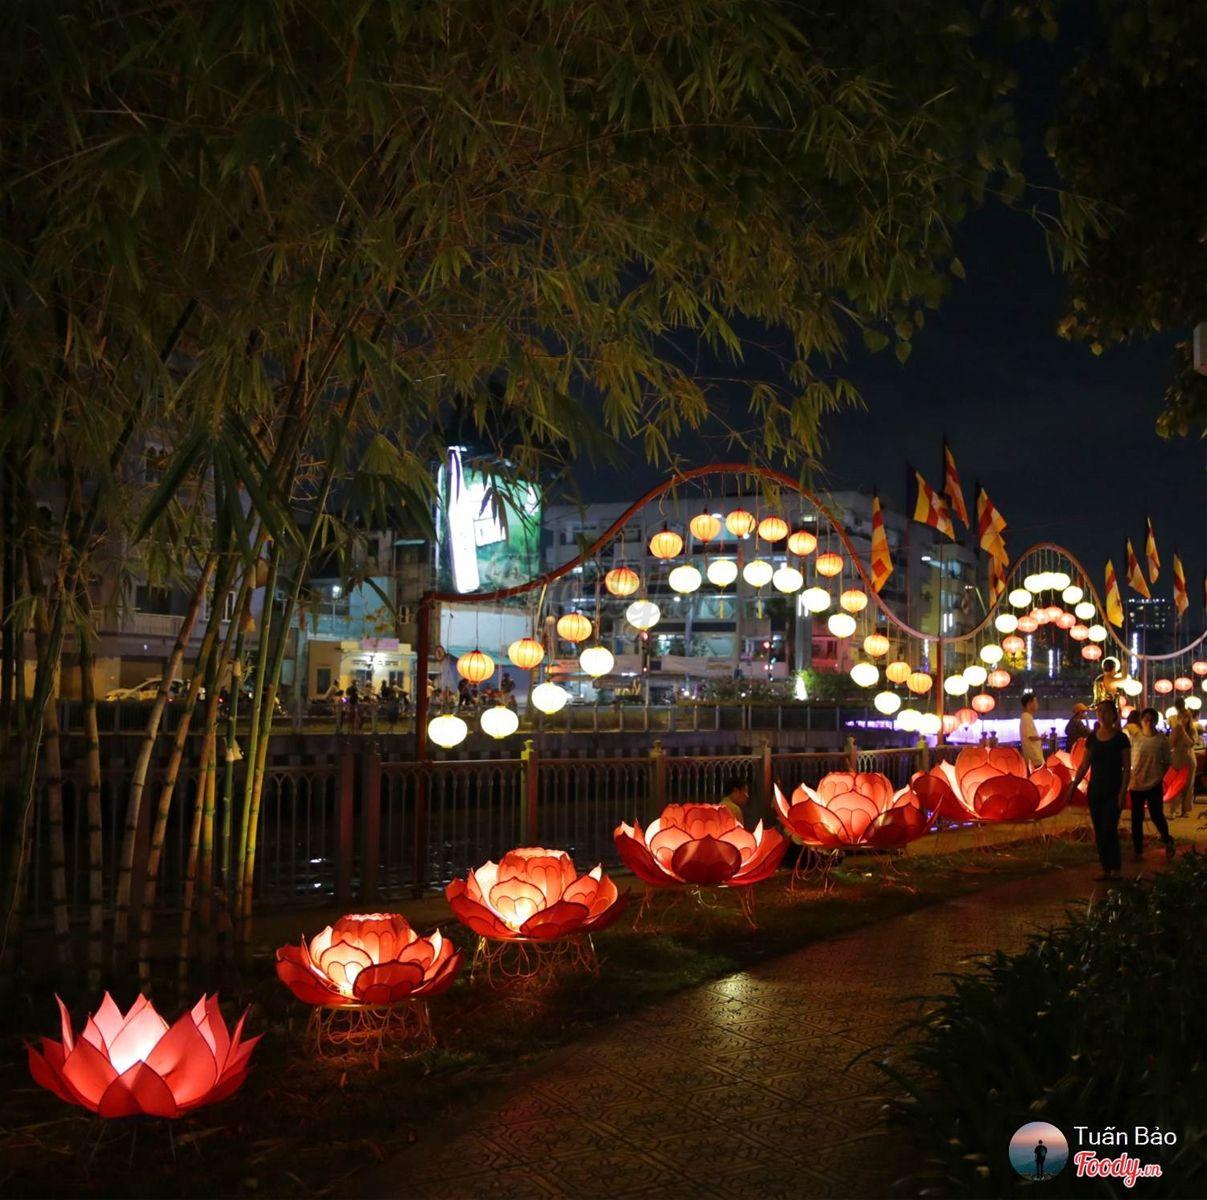 Cờ, hoa sen, lồng đèn v..v được cácchư Tăng và Phật tử trang trí hưởng ứng ngày lễ càng khiến cho ngôi chùa trở nên lộng lẫy lung linh khi đêm về.